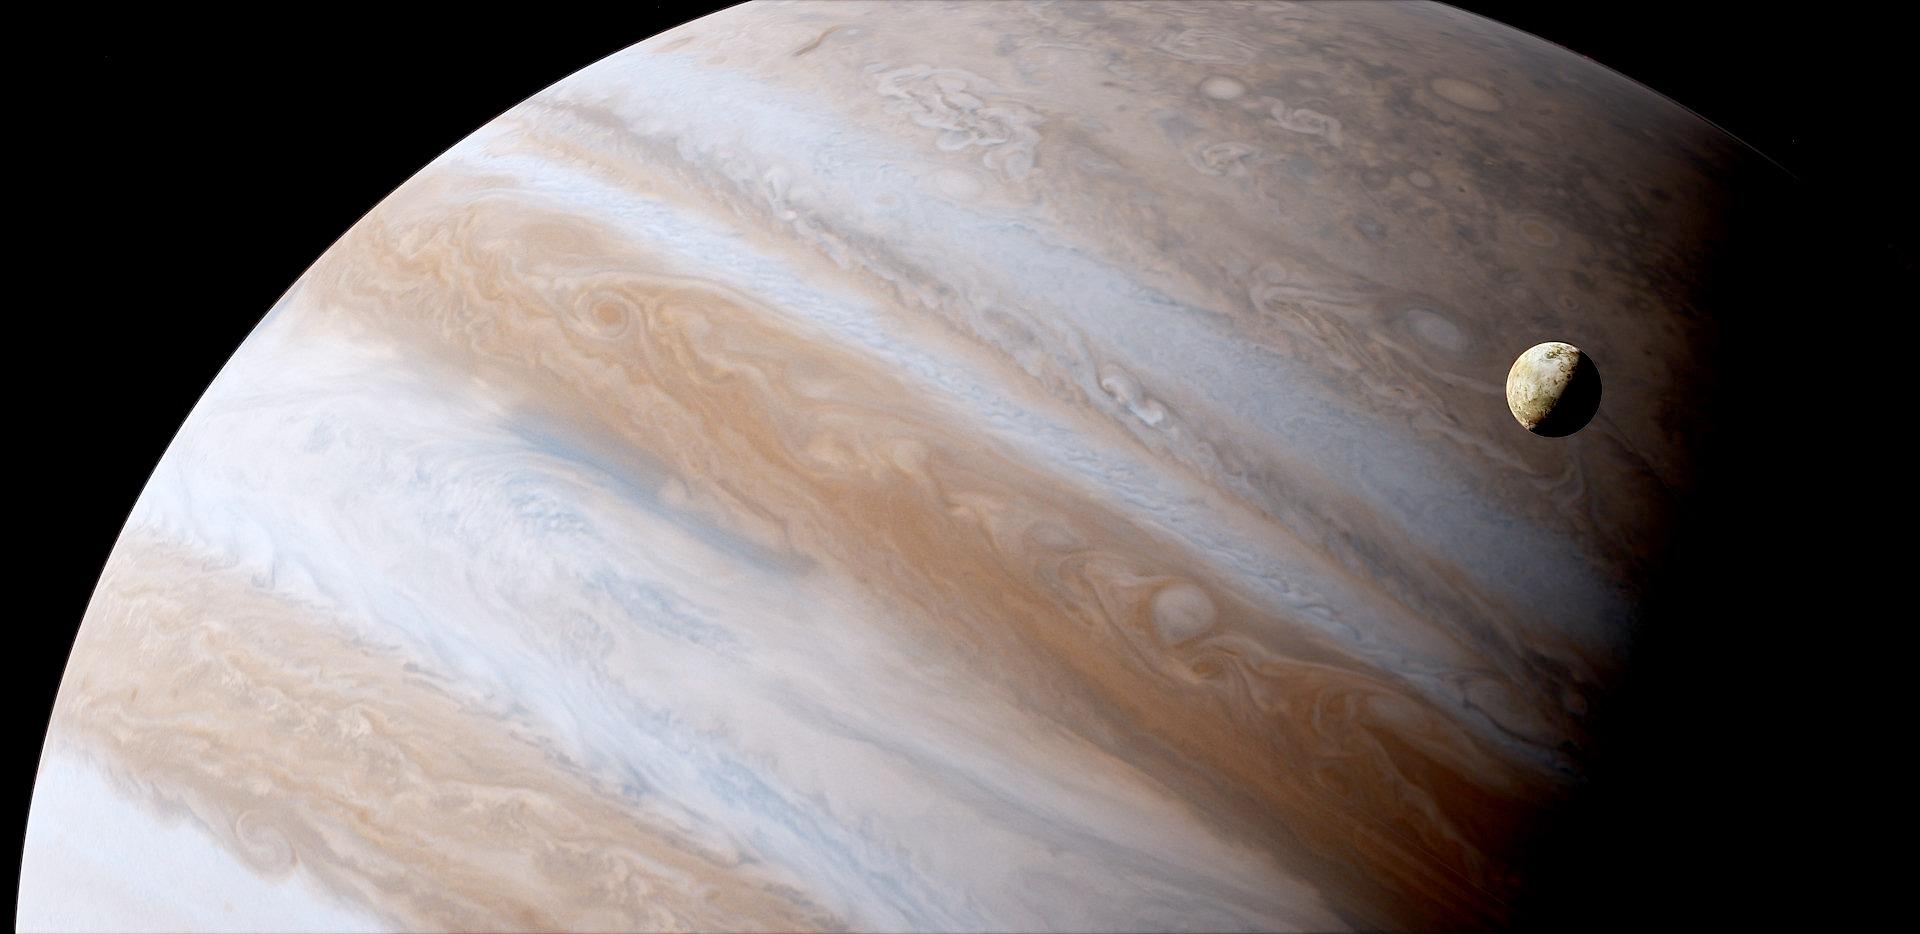 Vidéo : un énorme objet vient de frapper Jupiter